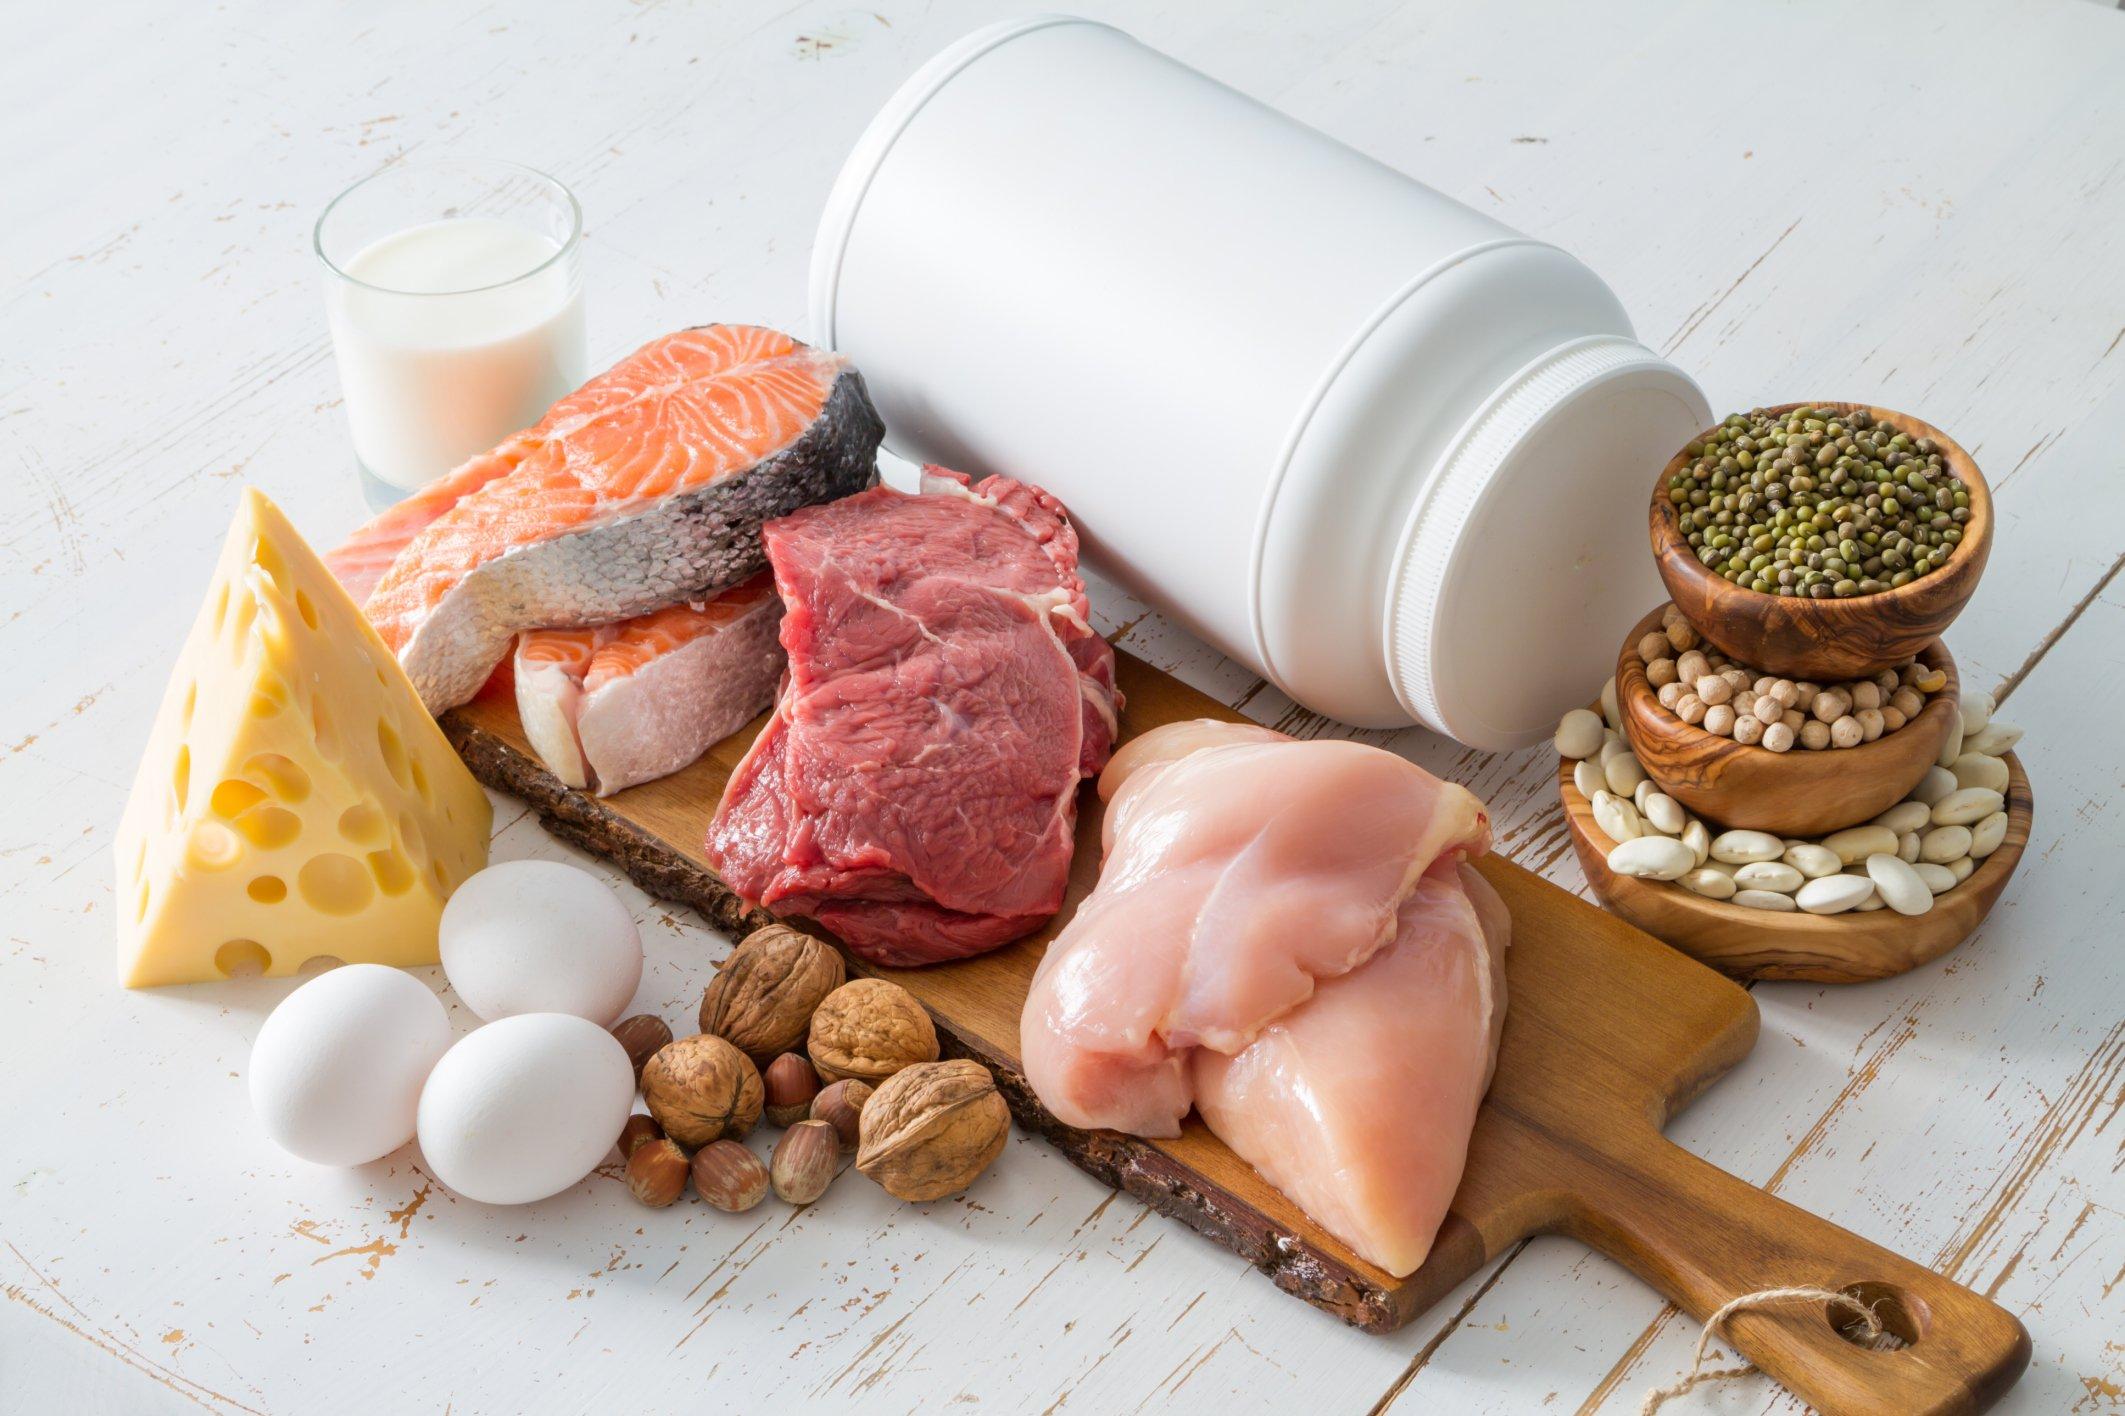 Белковые Диеты Польза. Белковая диета: «волшебные» протеины против волчьего аппетита